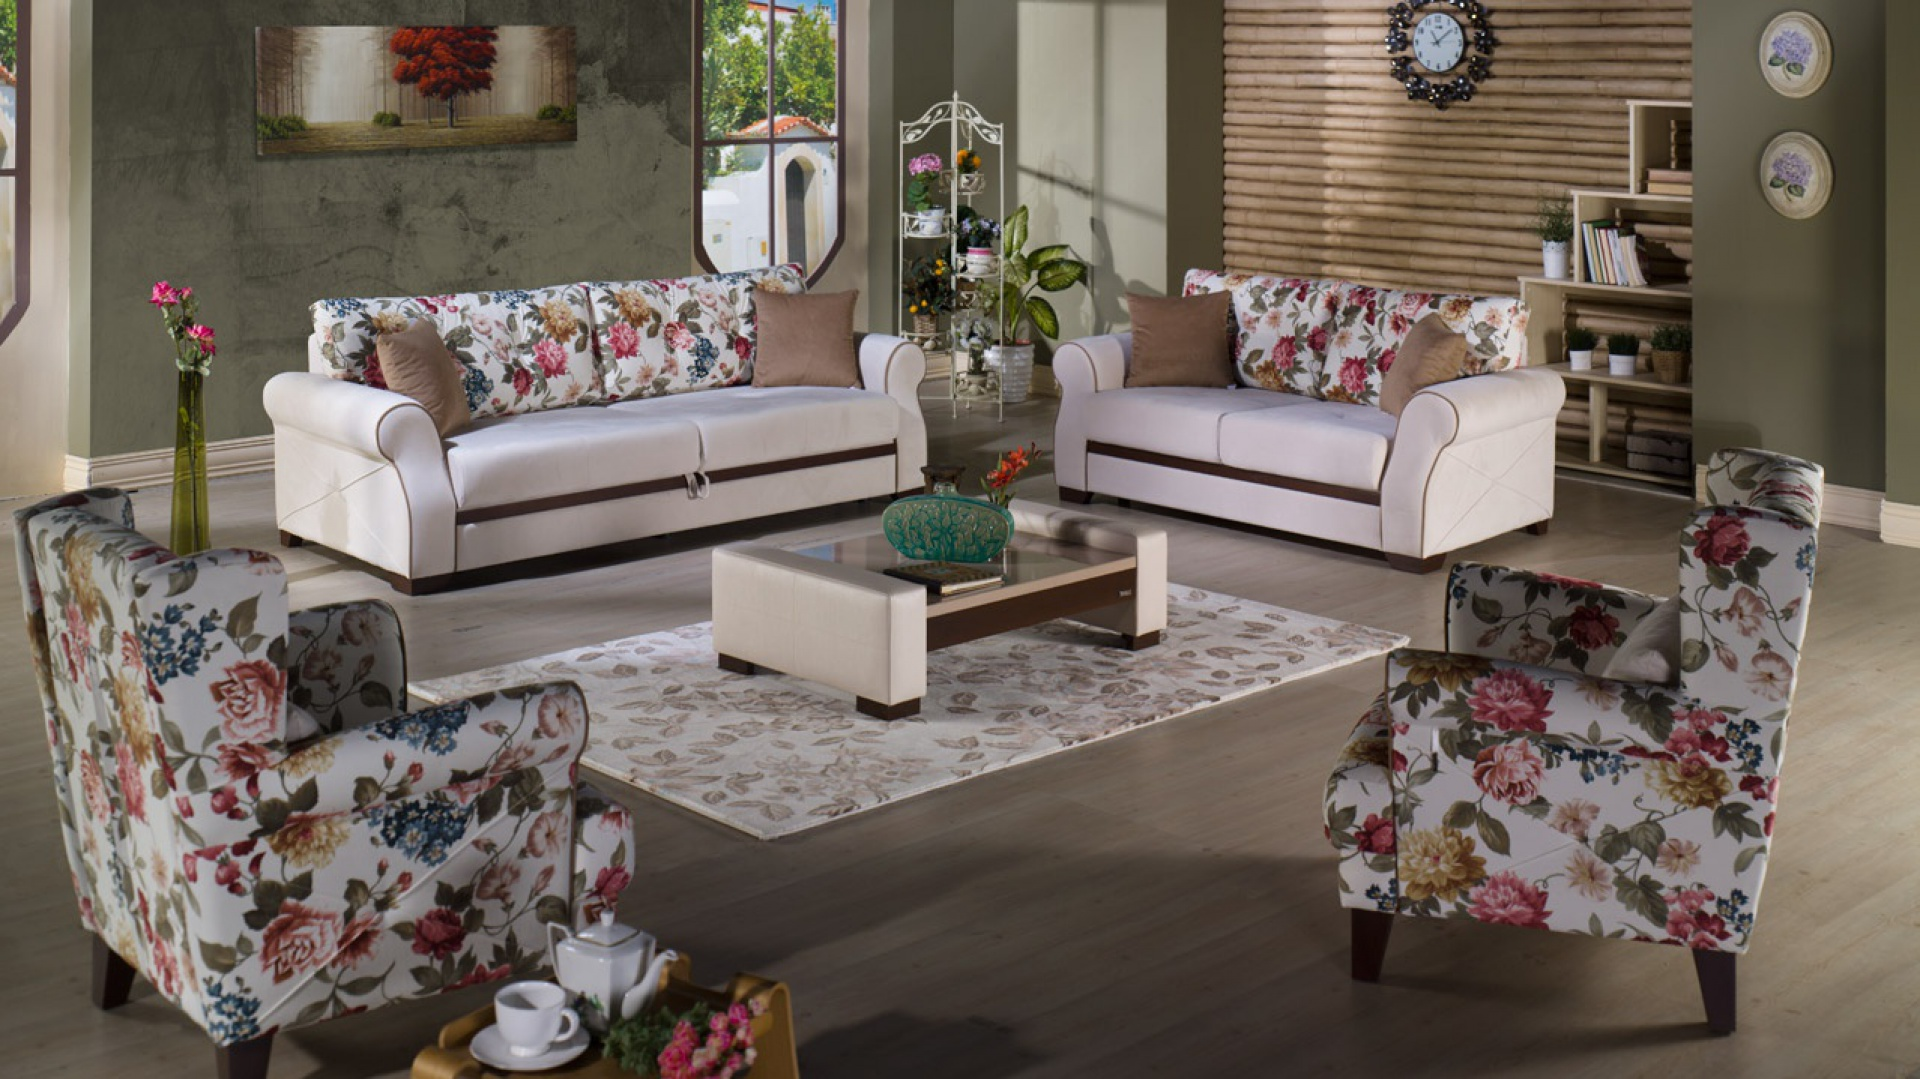 Sofy I Fotele W Kwiaty Romantyczne Propozycje Do Pokoju